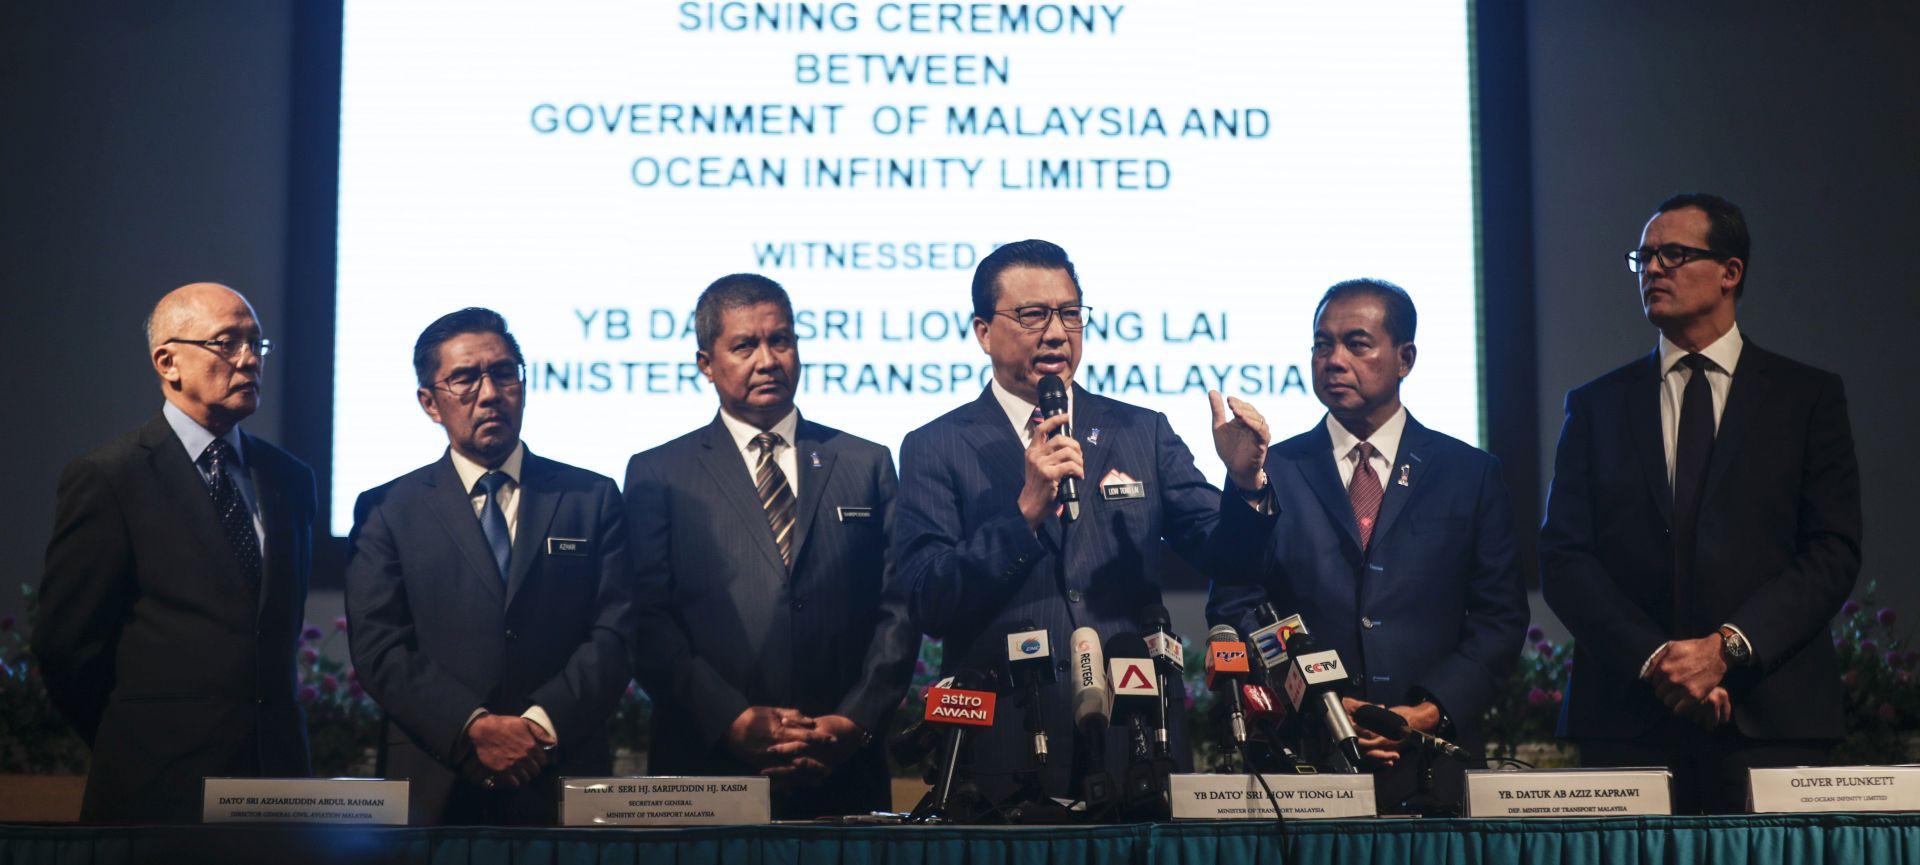 Malezija nastavlja potragu za nestalim zrakoplovom MH370